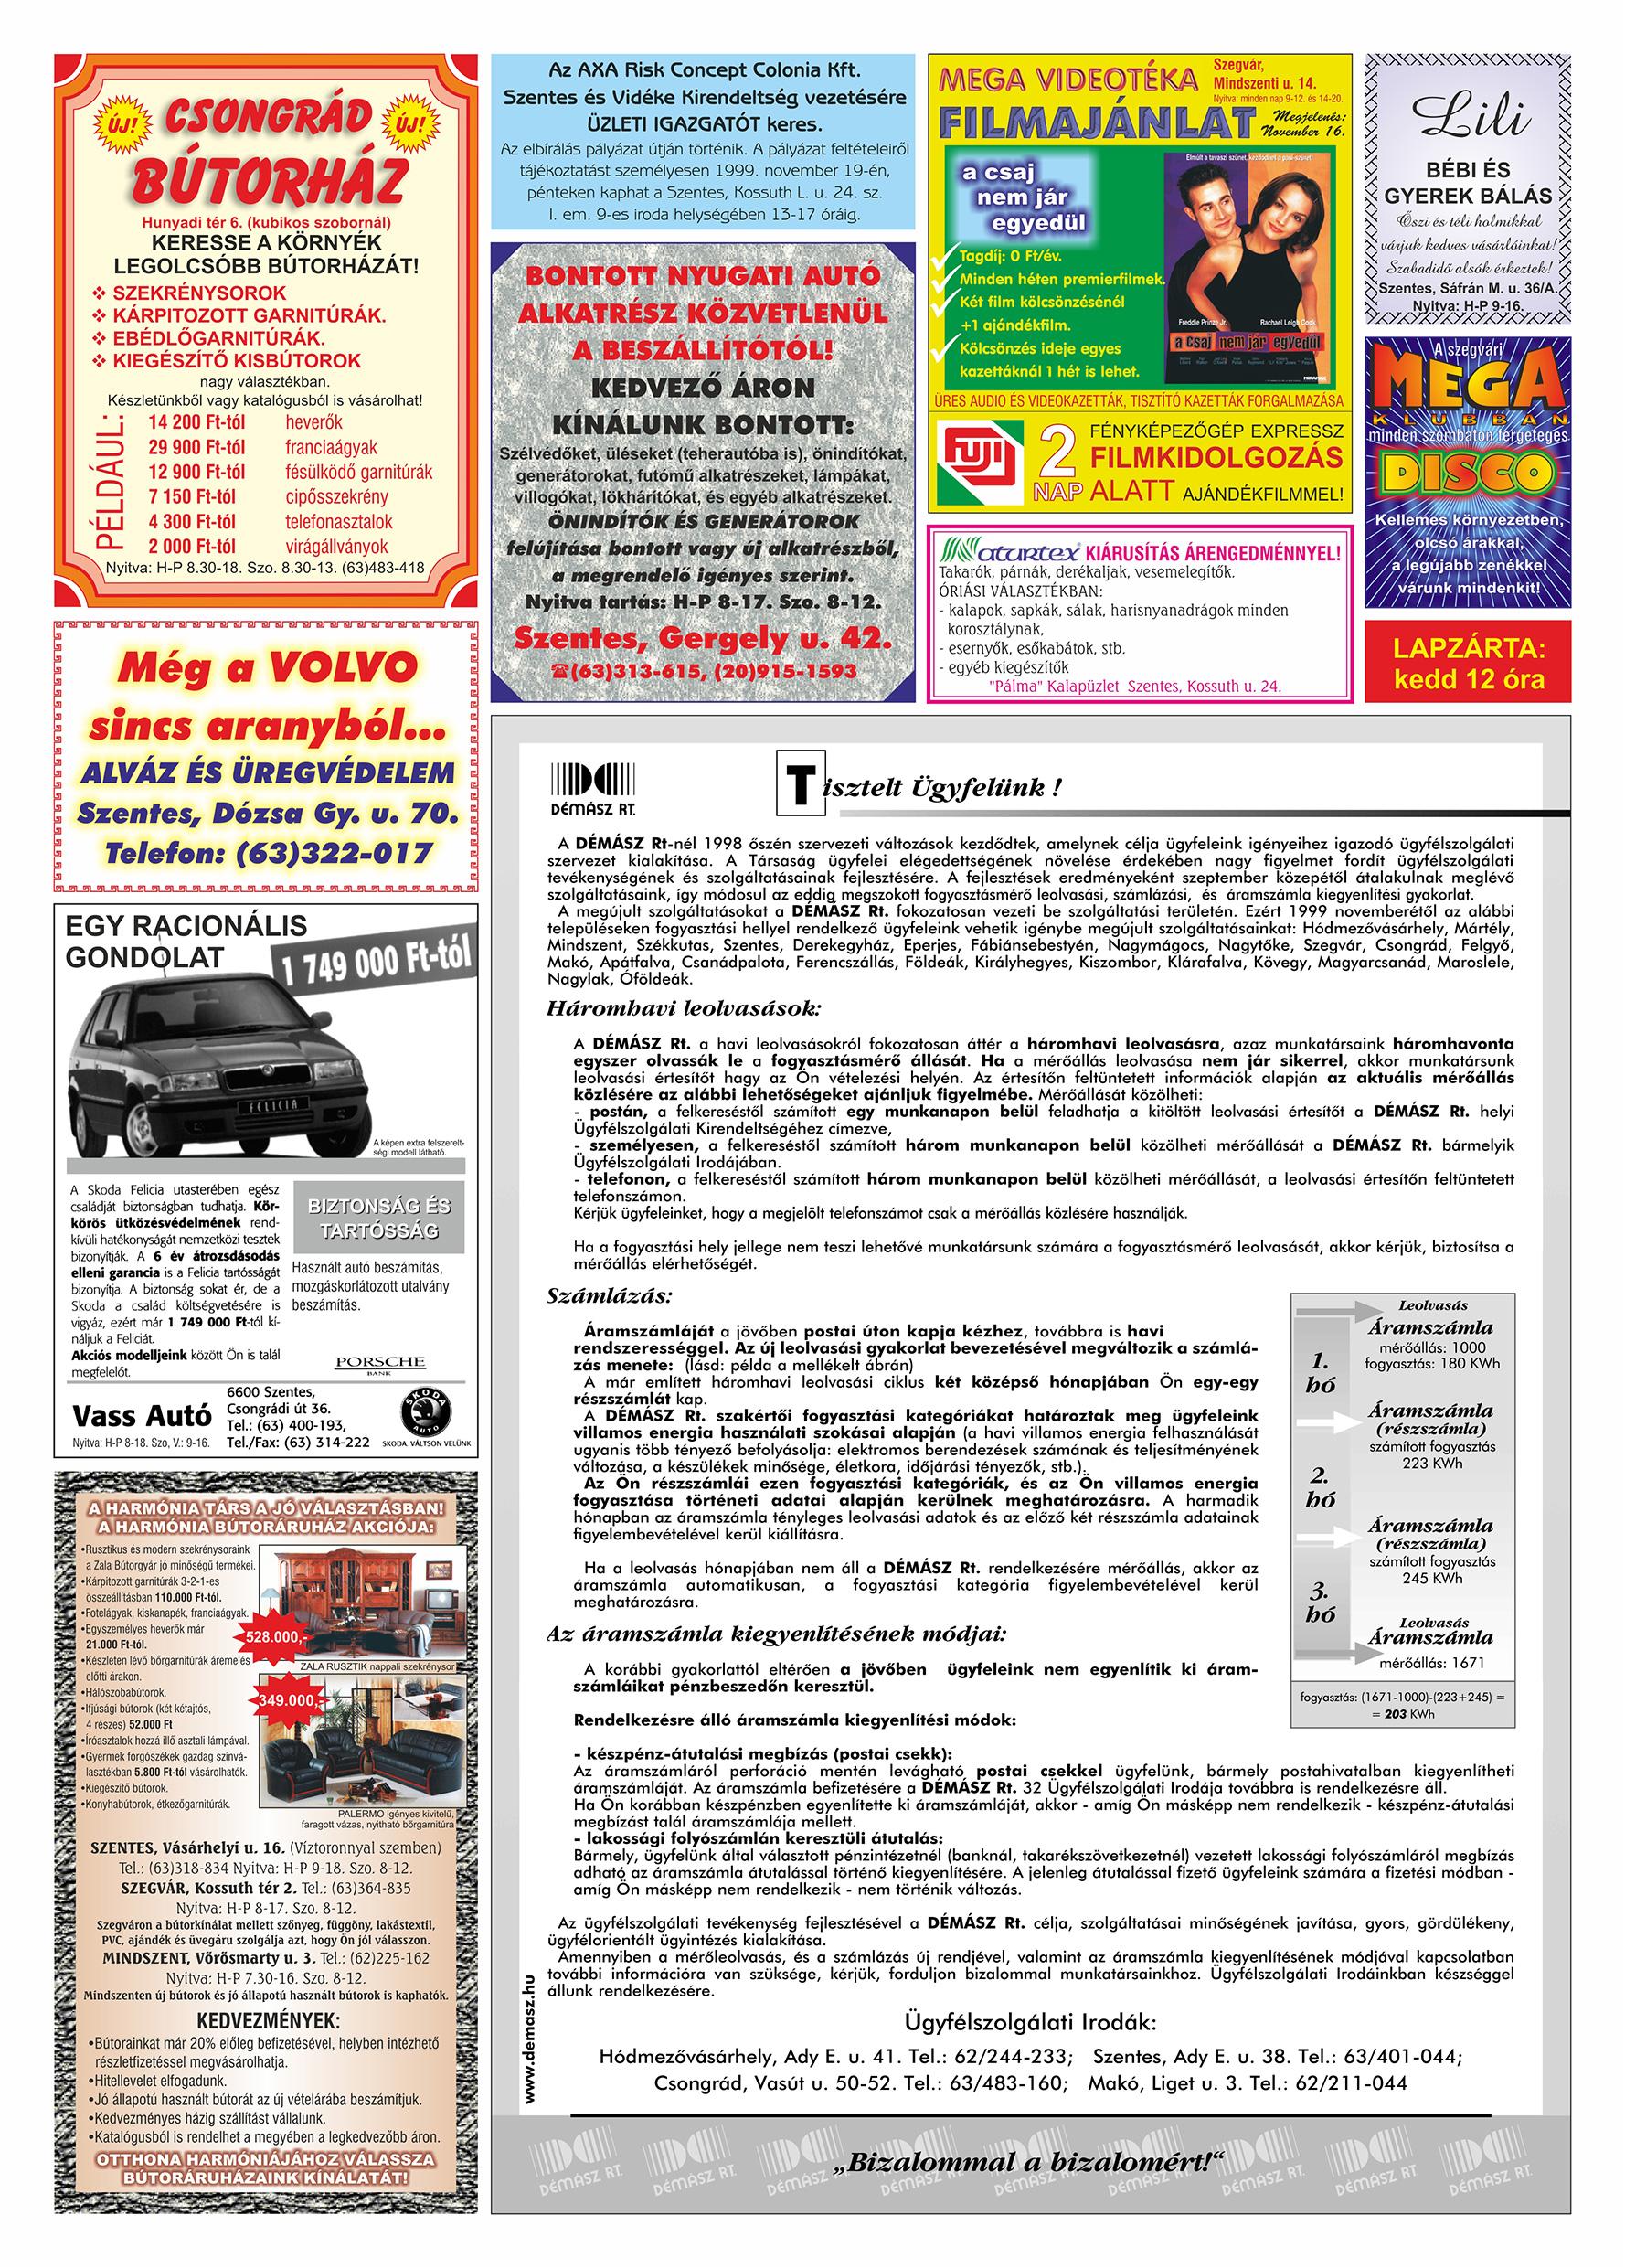 068 Tuti Tipp Extra reklámújság - 19991113-021. lapszám - 2.oldal - V. évfolyam.jpg